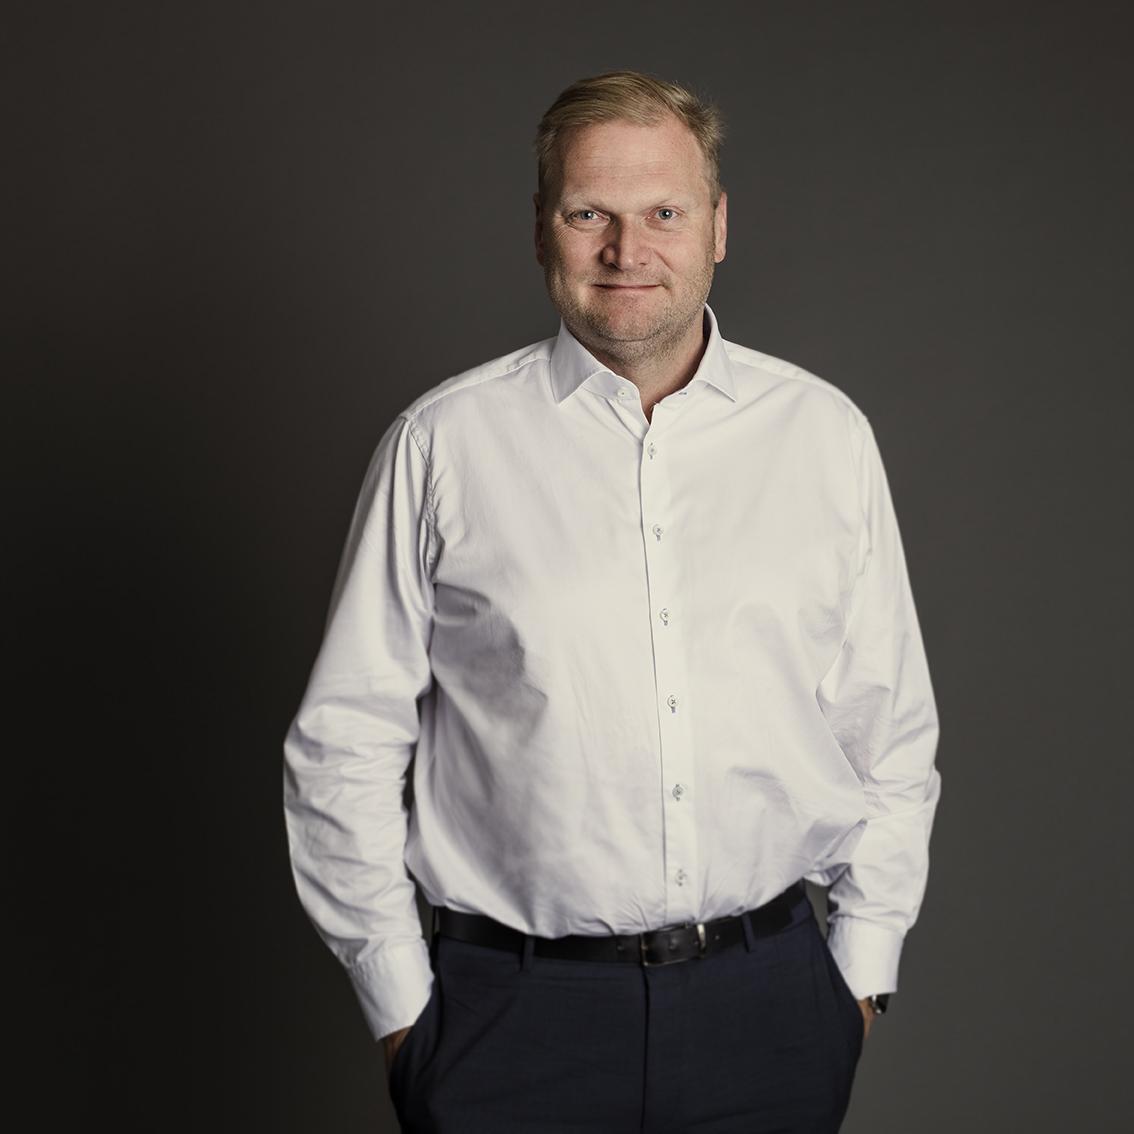 Michael Fogelberg serieentreprenör